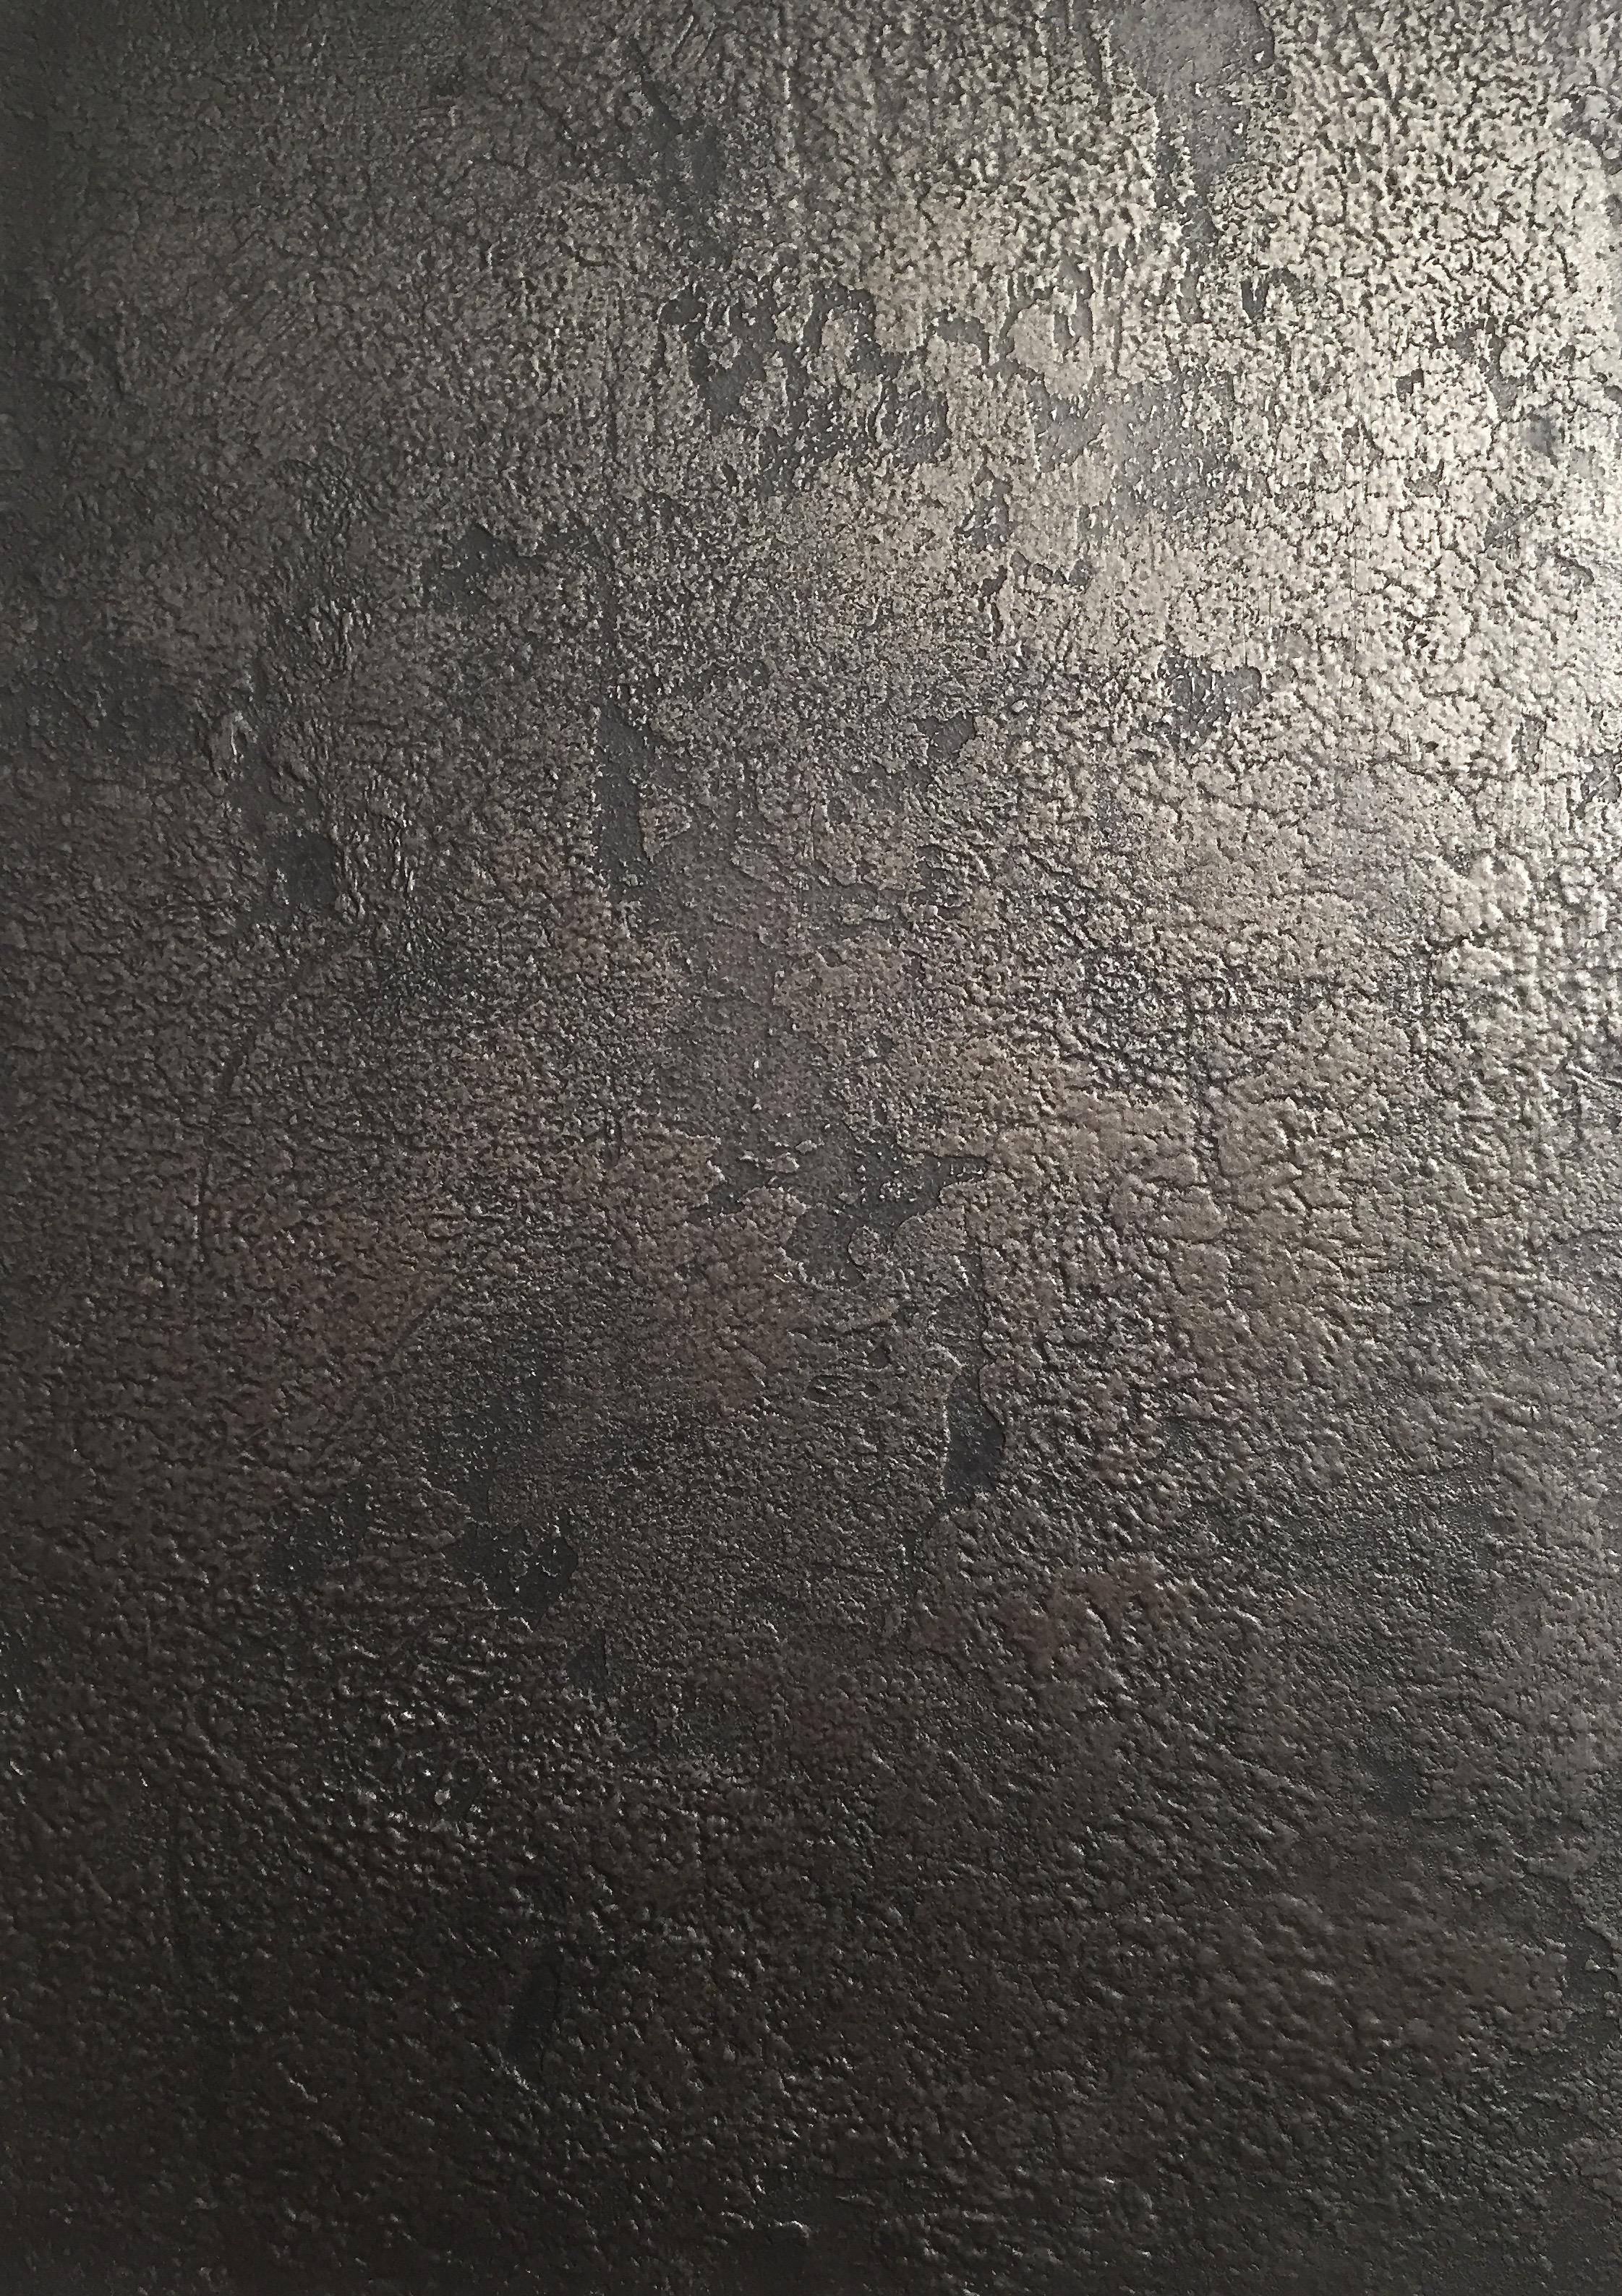 MV DECOR - Métal à froid. Ombre & lumière. Design. Contemporain.